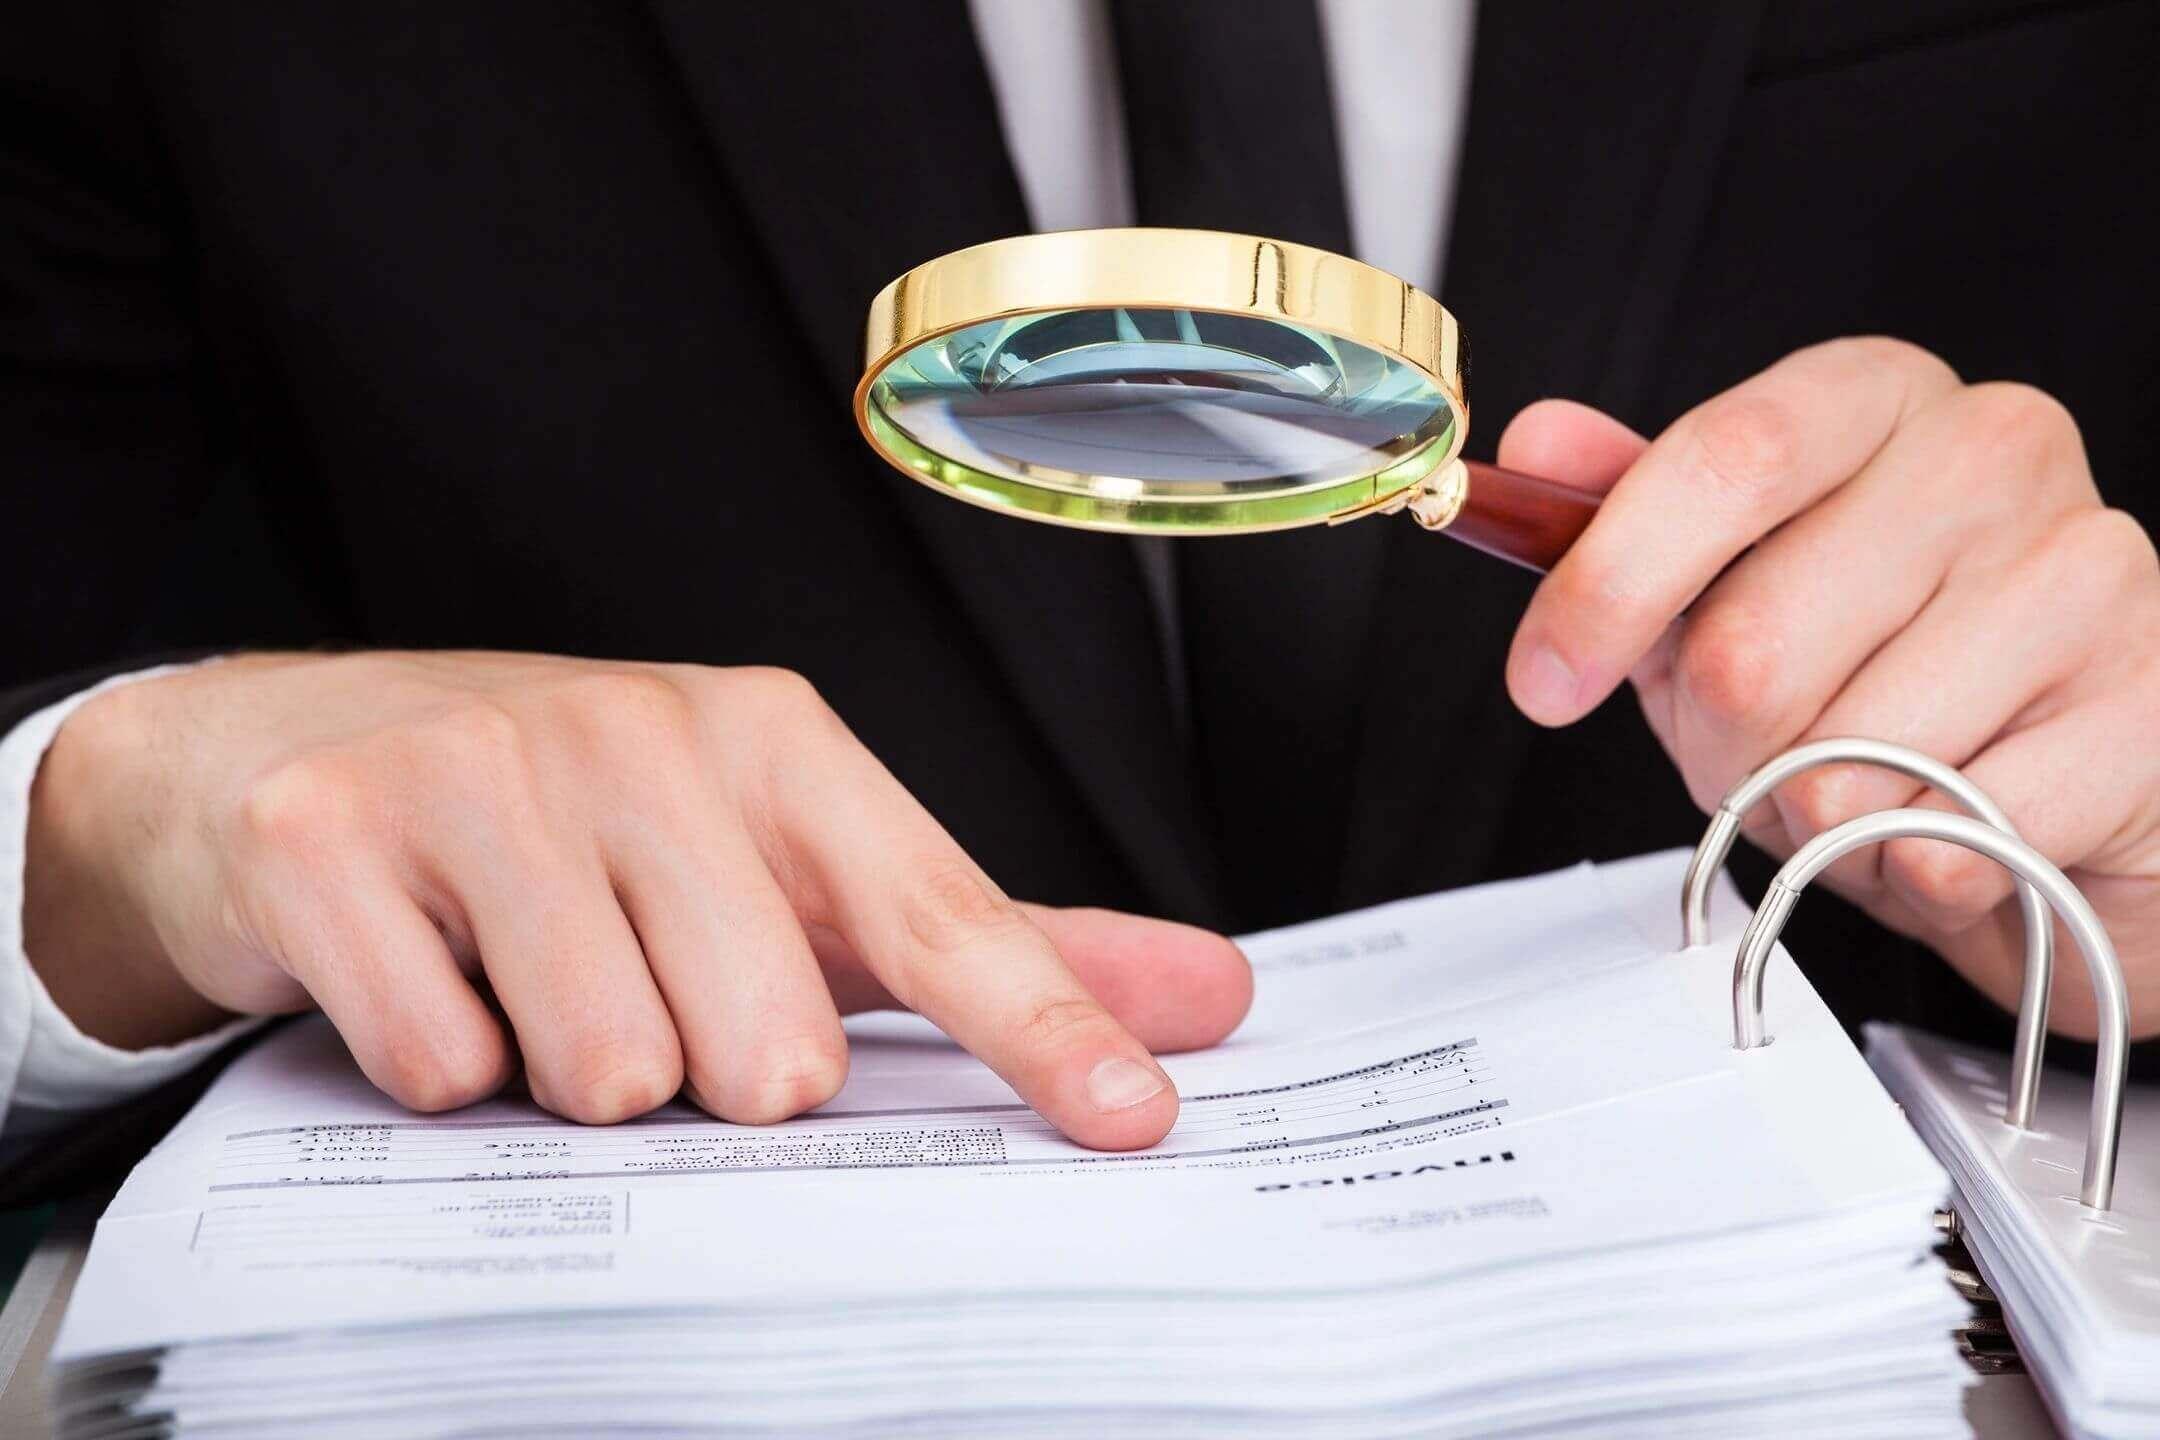 Fraudes mais comuns no seguro de veículo